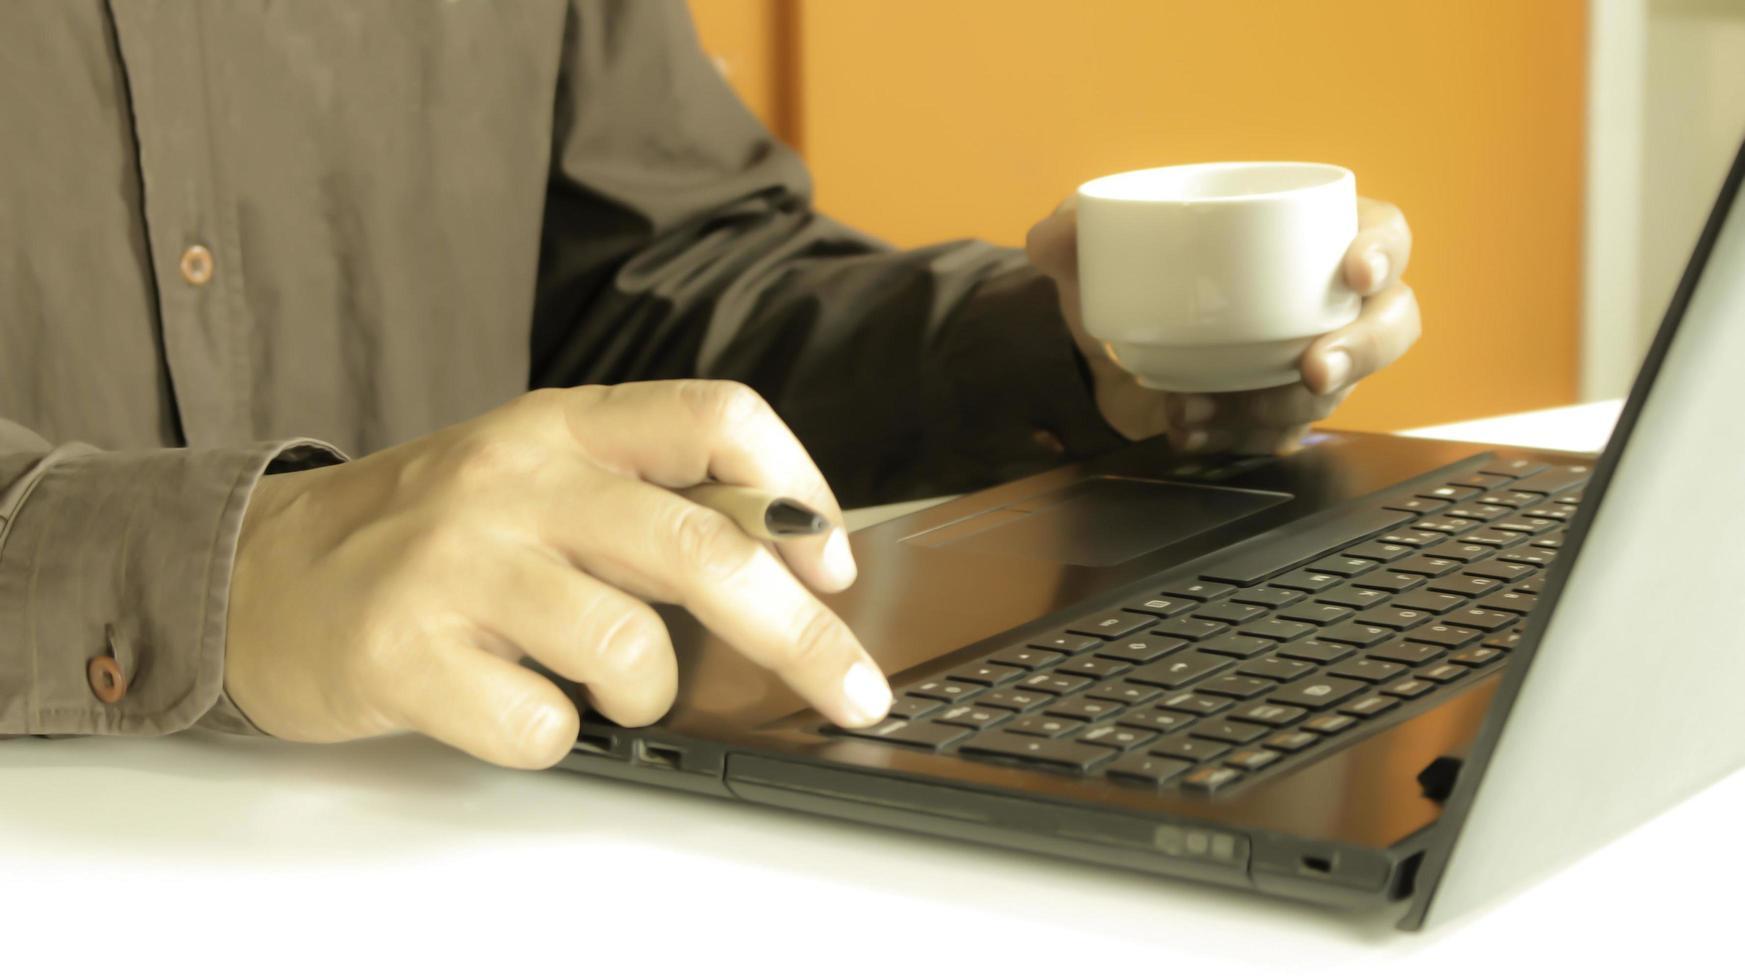 Profi arbeitet an einem Laptop und trinkt Kaffee foto